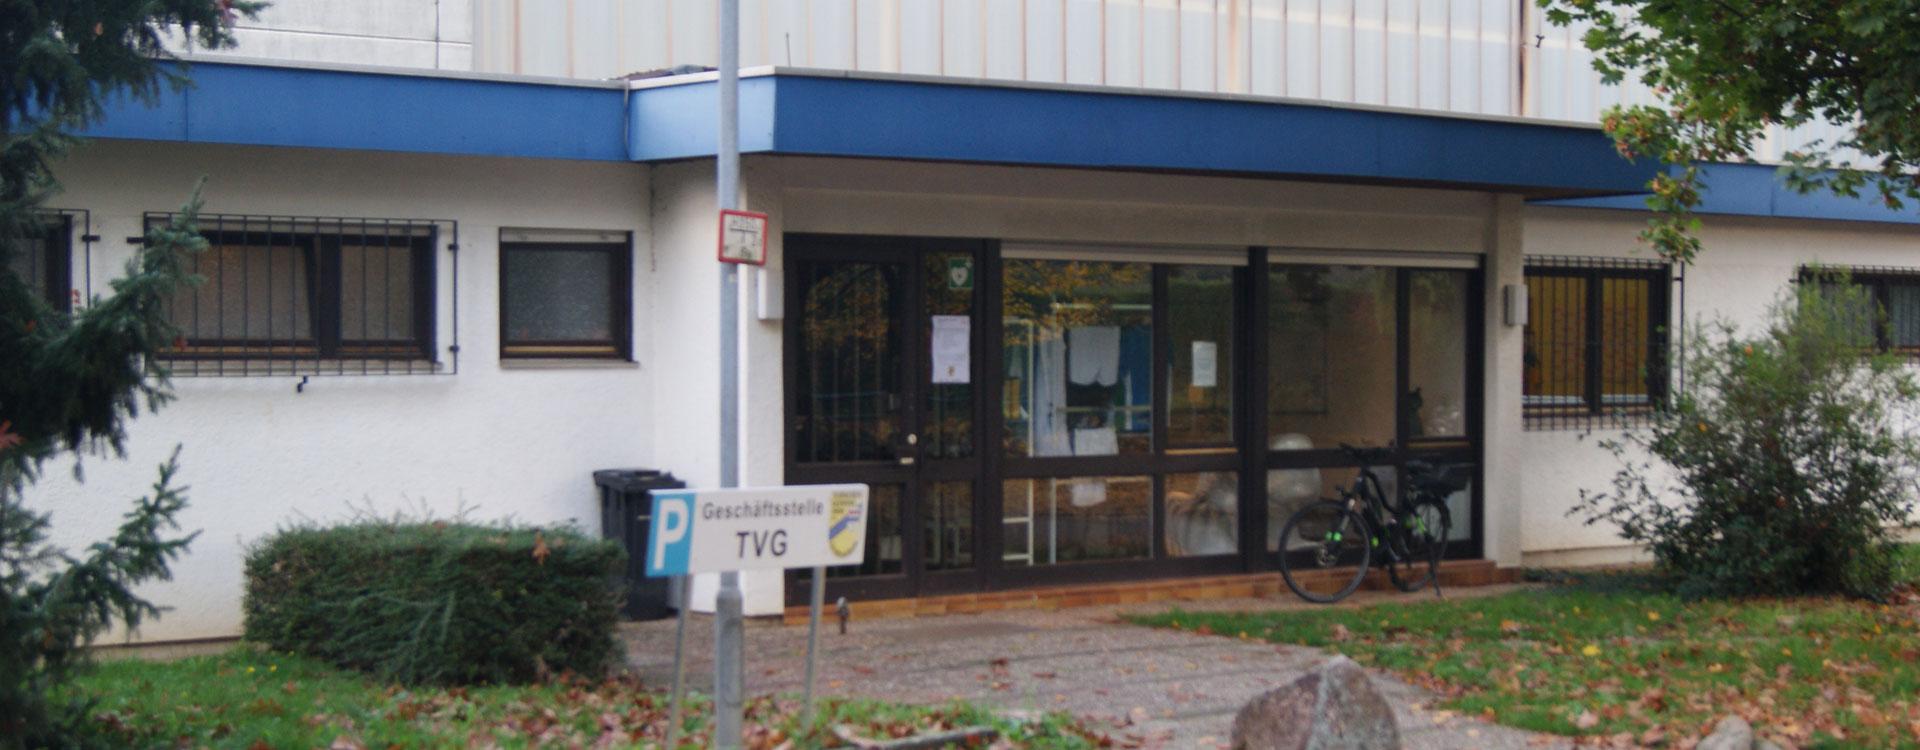 Tennishalle & Geschäftsstelle